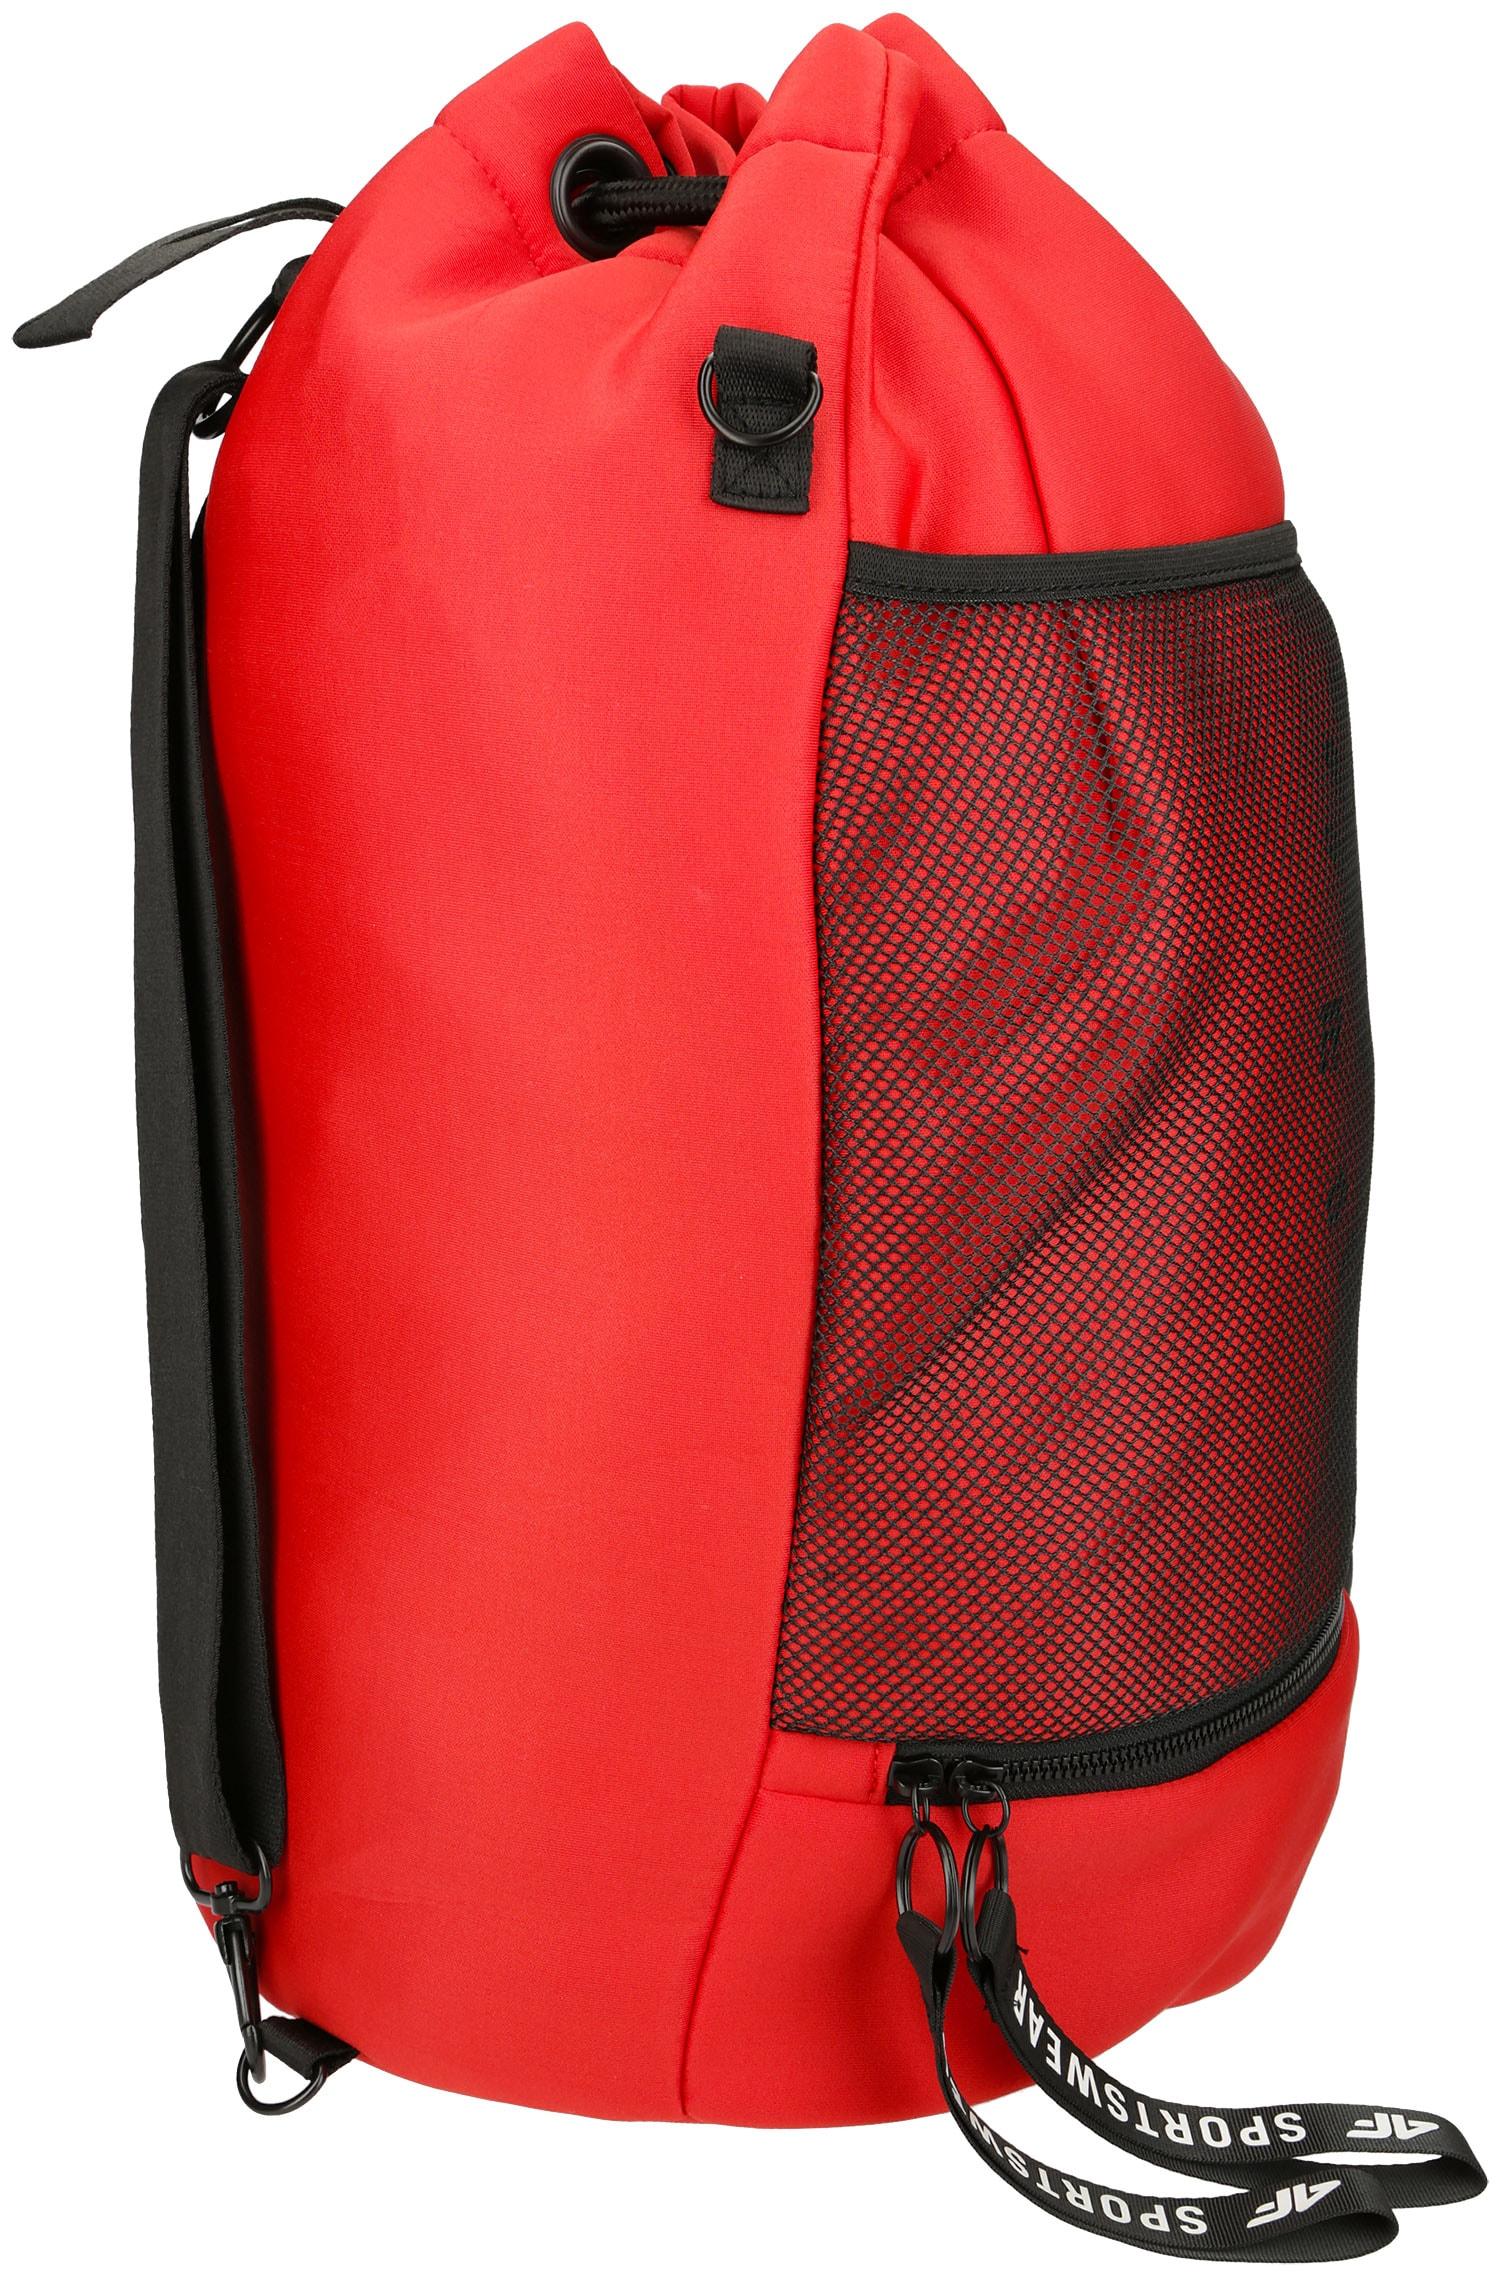 5ad2c9c01b0a0 Plecak miejski PCU203 - czerwony